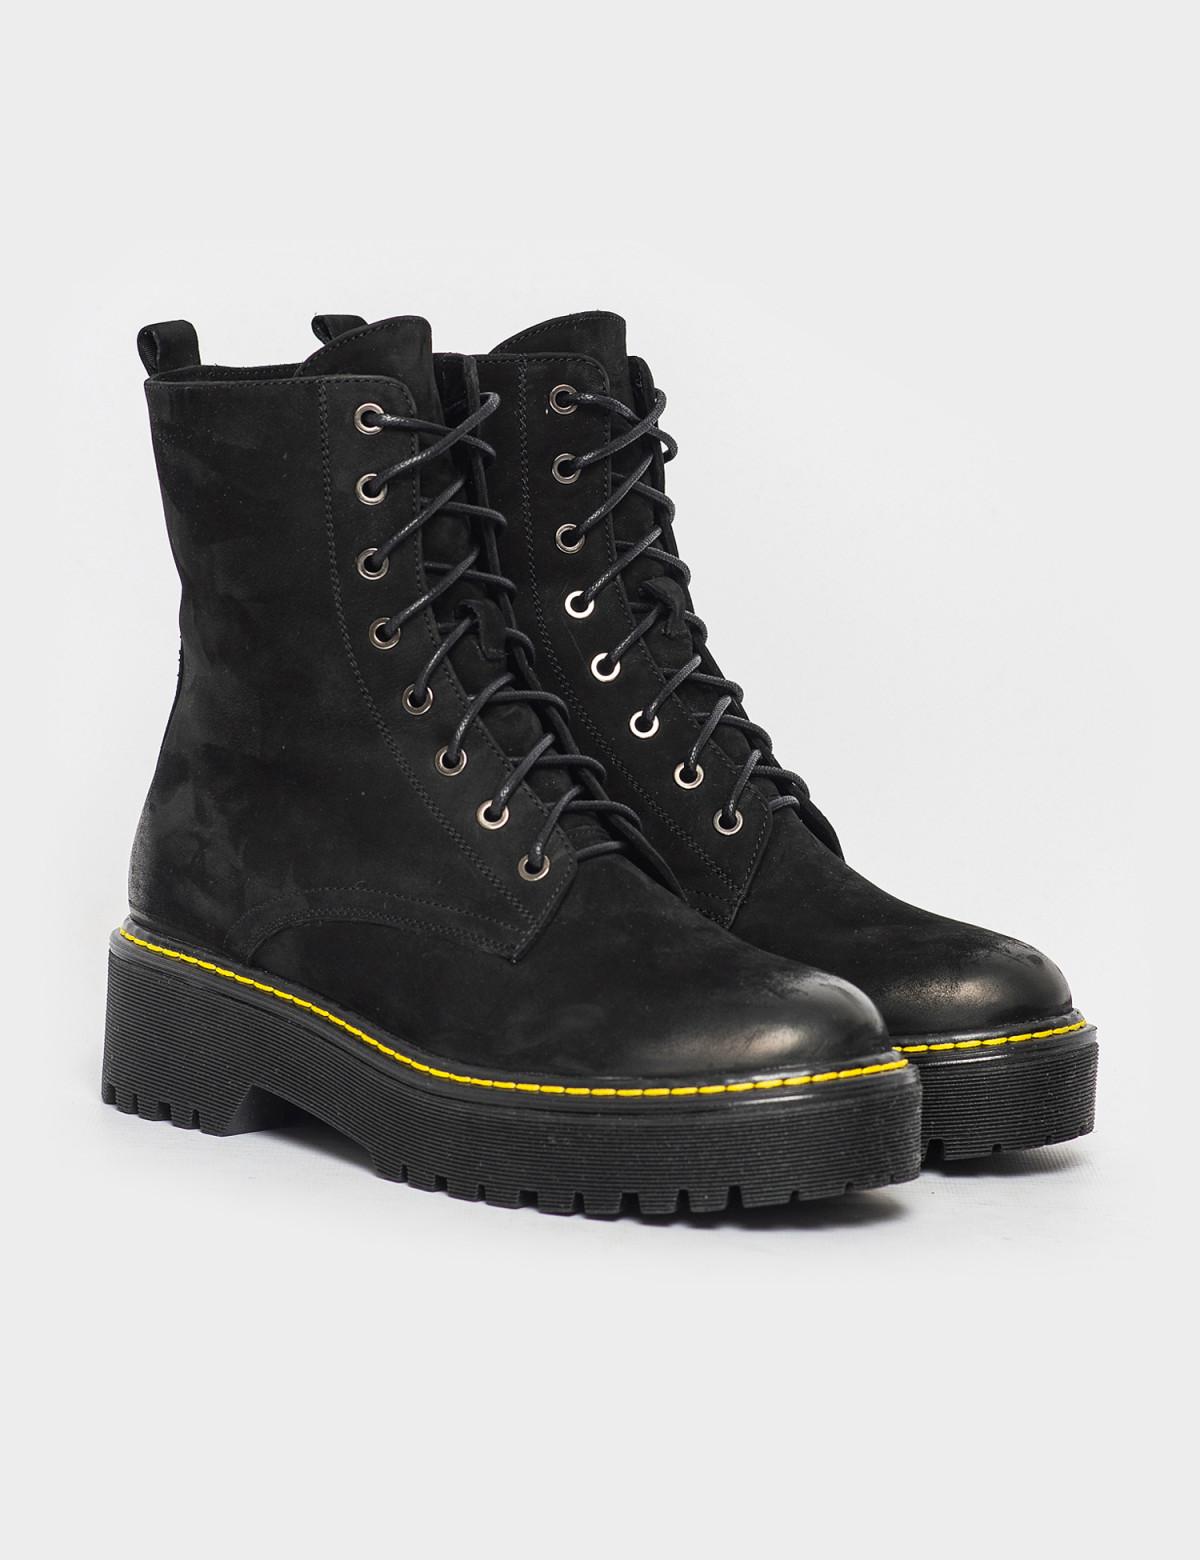 Ботинки черные. Натуральный нубук. Шерсть 1